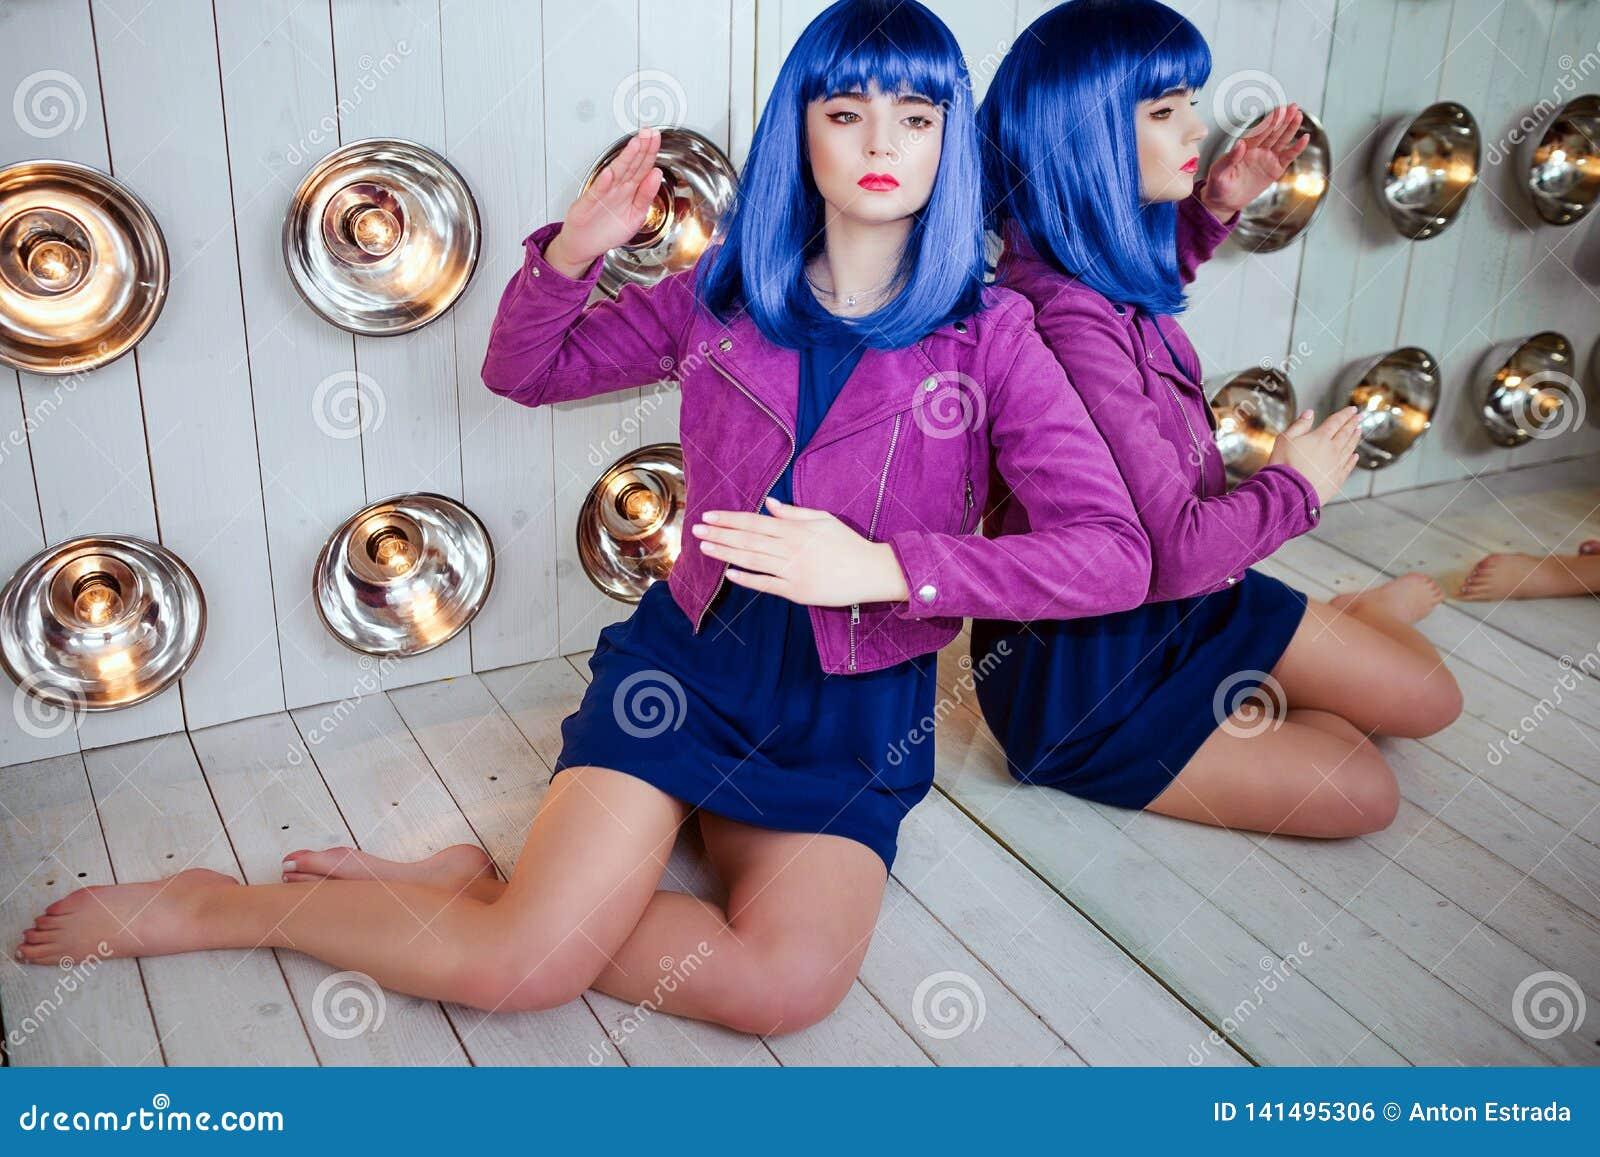 Mody pokraka Splendor syntetyczna dziewczyna, sfałszowana lala z pustym spojrzeniem i błękitny włosy, siedzimy w studiu elegancki